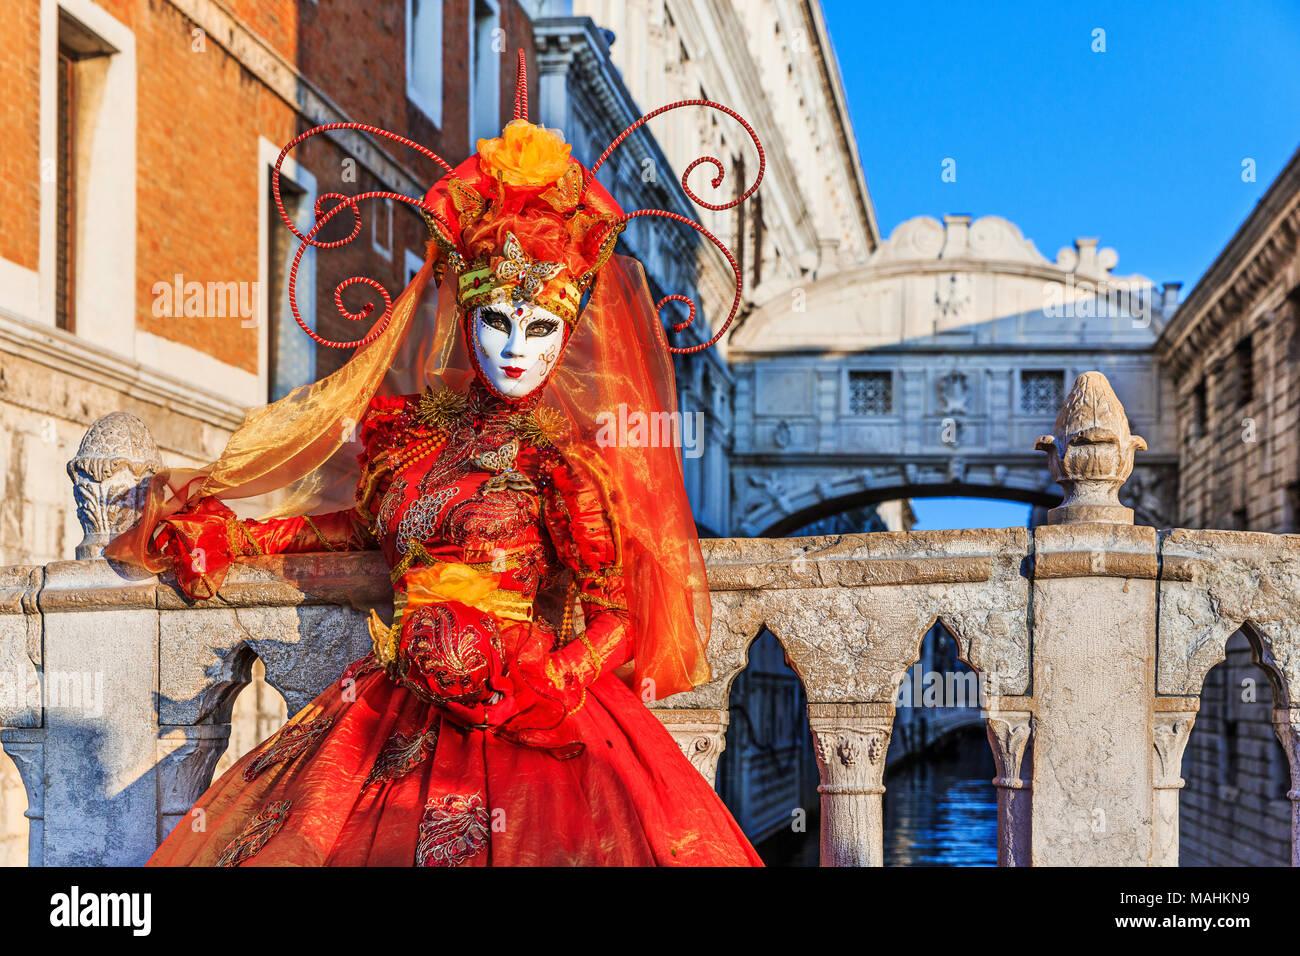 Venezia, Italia. Il carnevale di Venezia, bella maschera presso il Ponte dei Sospiri. Immagini Stock